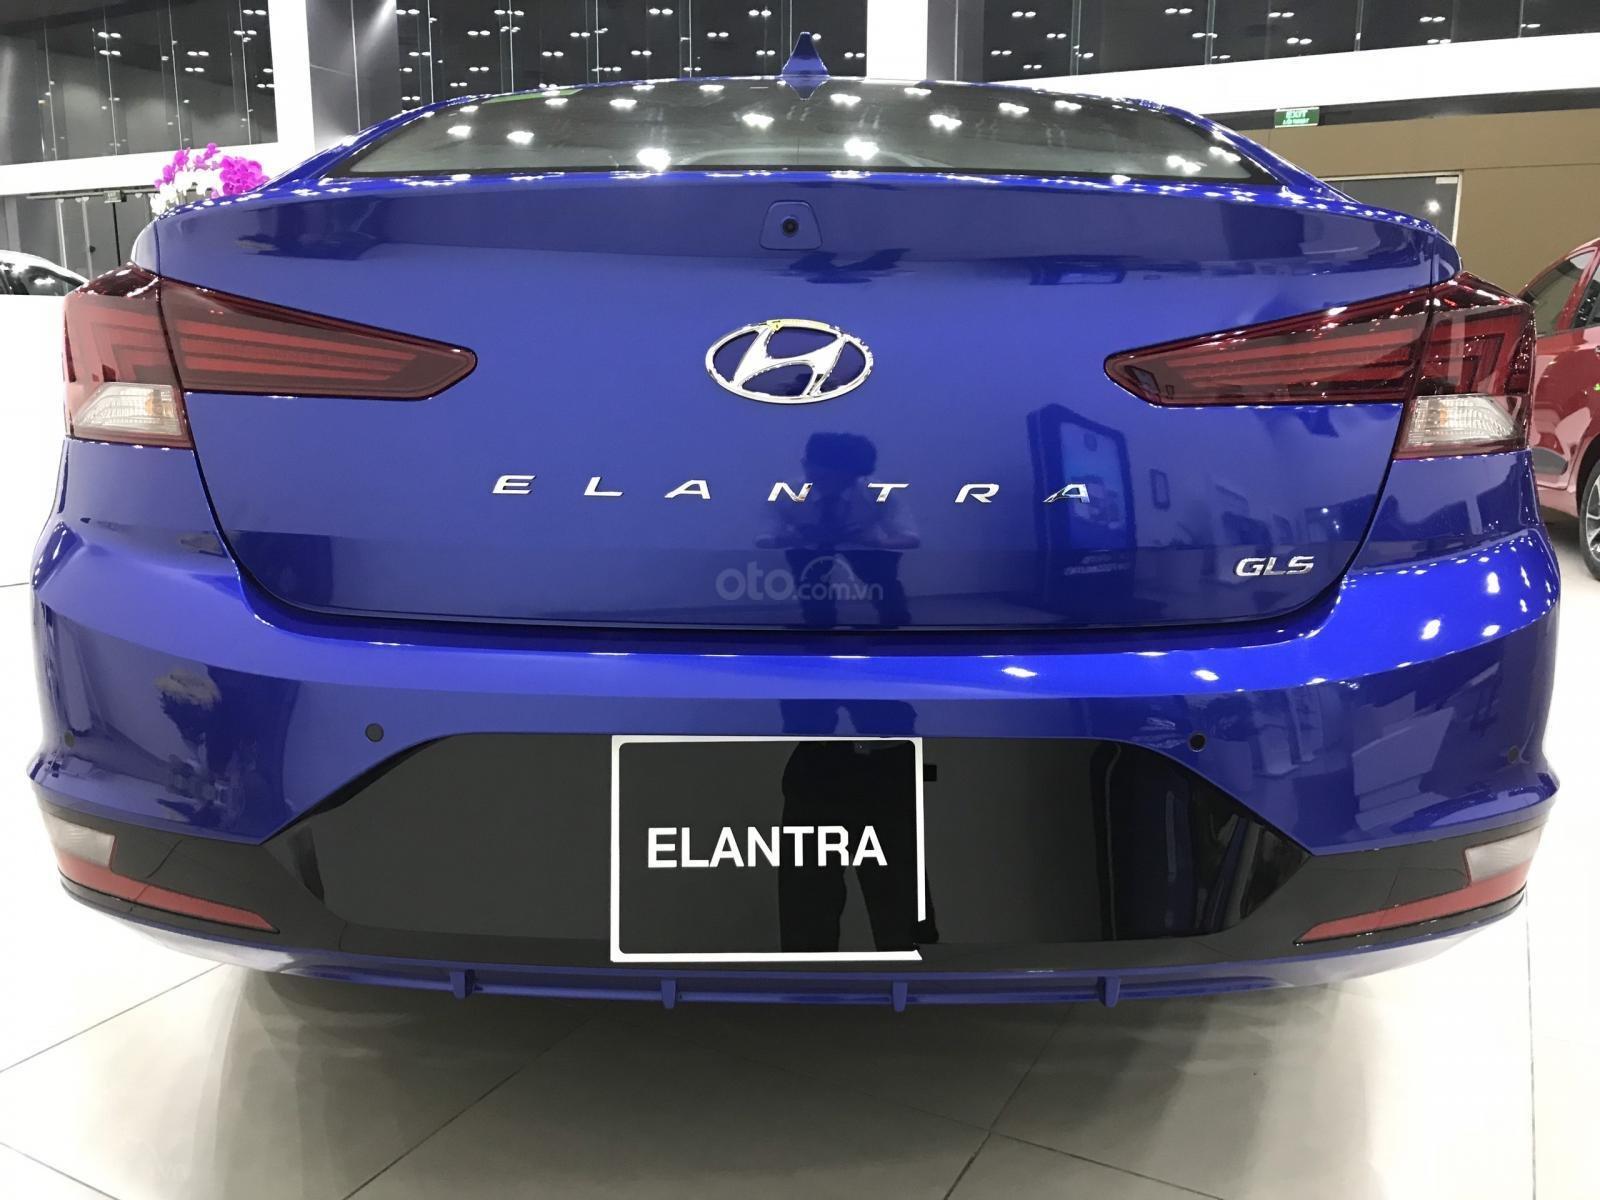 Elantra 1.6AT xanh coban, 1 xe duy nhất giá 605tr, tặng full phụ kiện chính hãng, khuyến mãi lên tới 50tr (5)